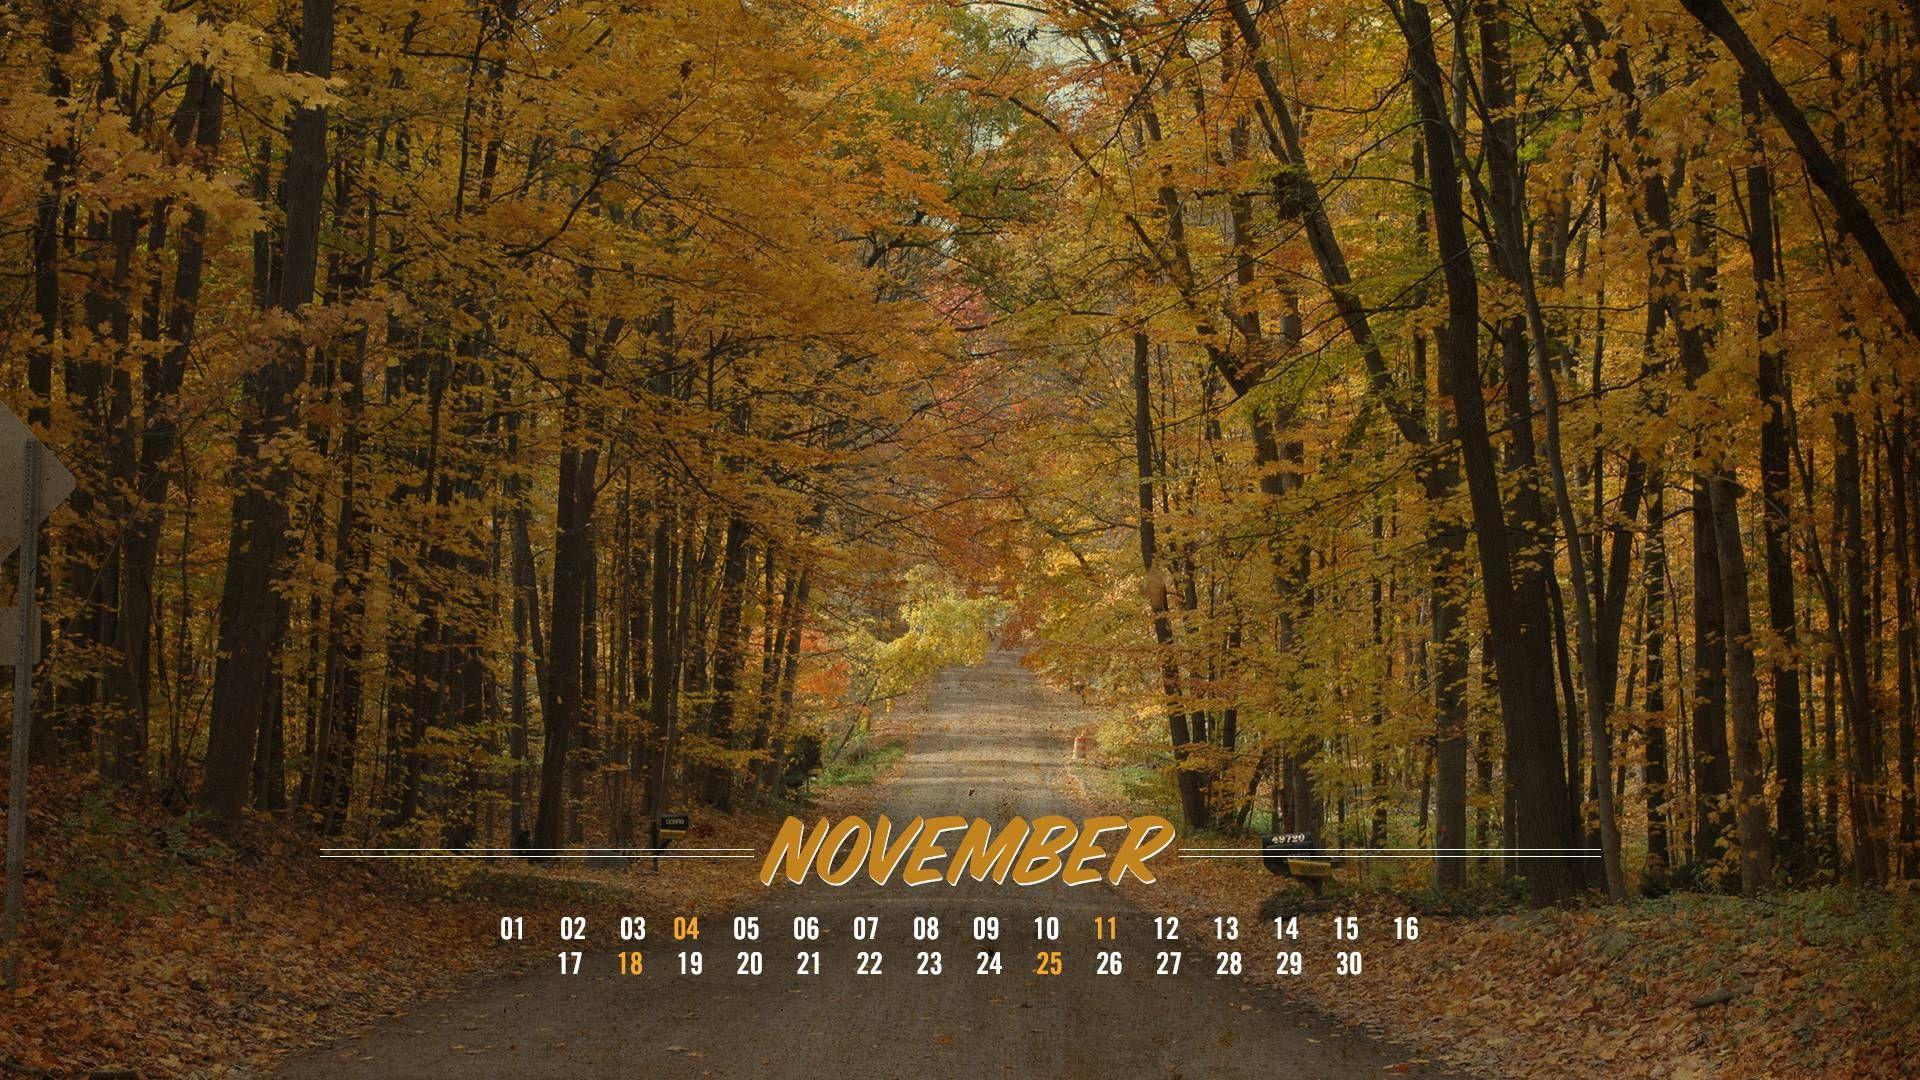 November Desktop Background Page 2048×1356 November